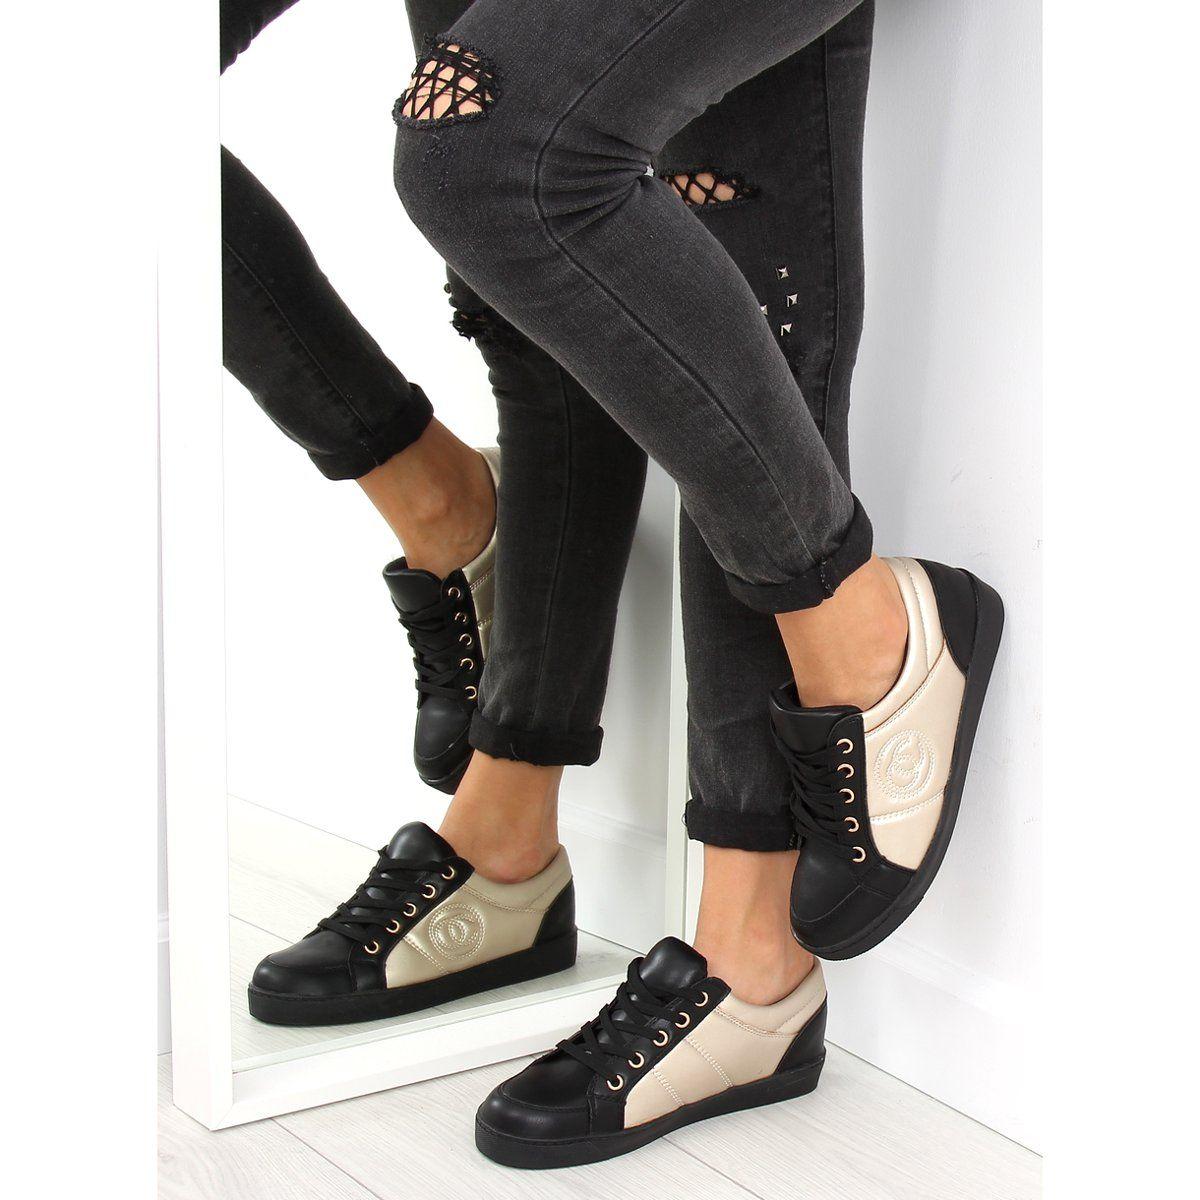 Trampki Chanelki Y612 Black Czarno Zlote Czarne Sneakers Shoes Puma Sneaker